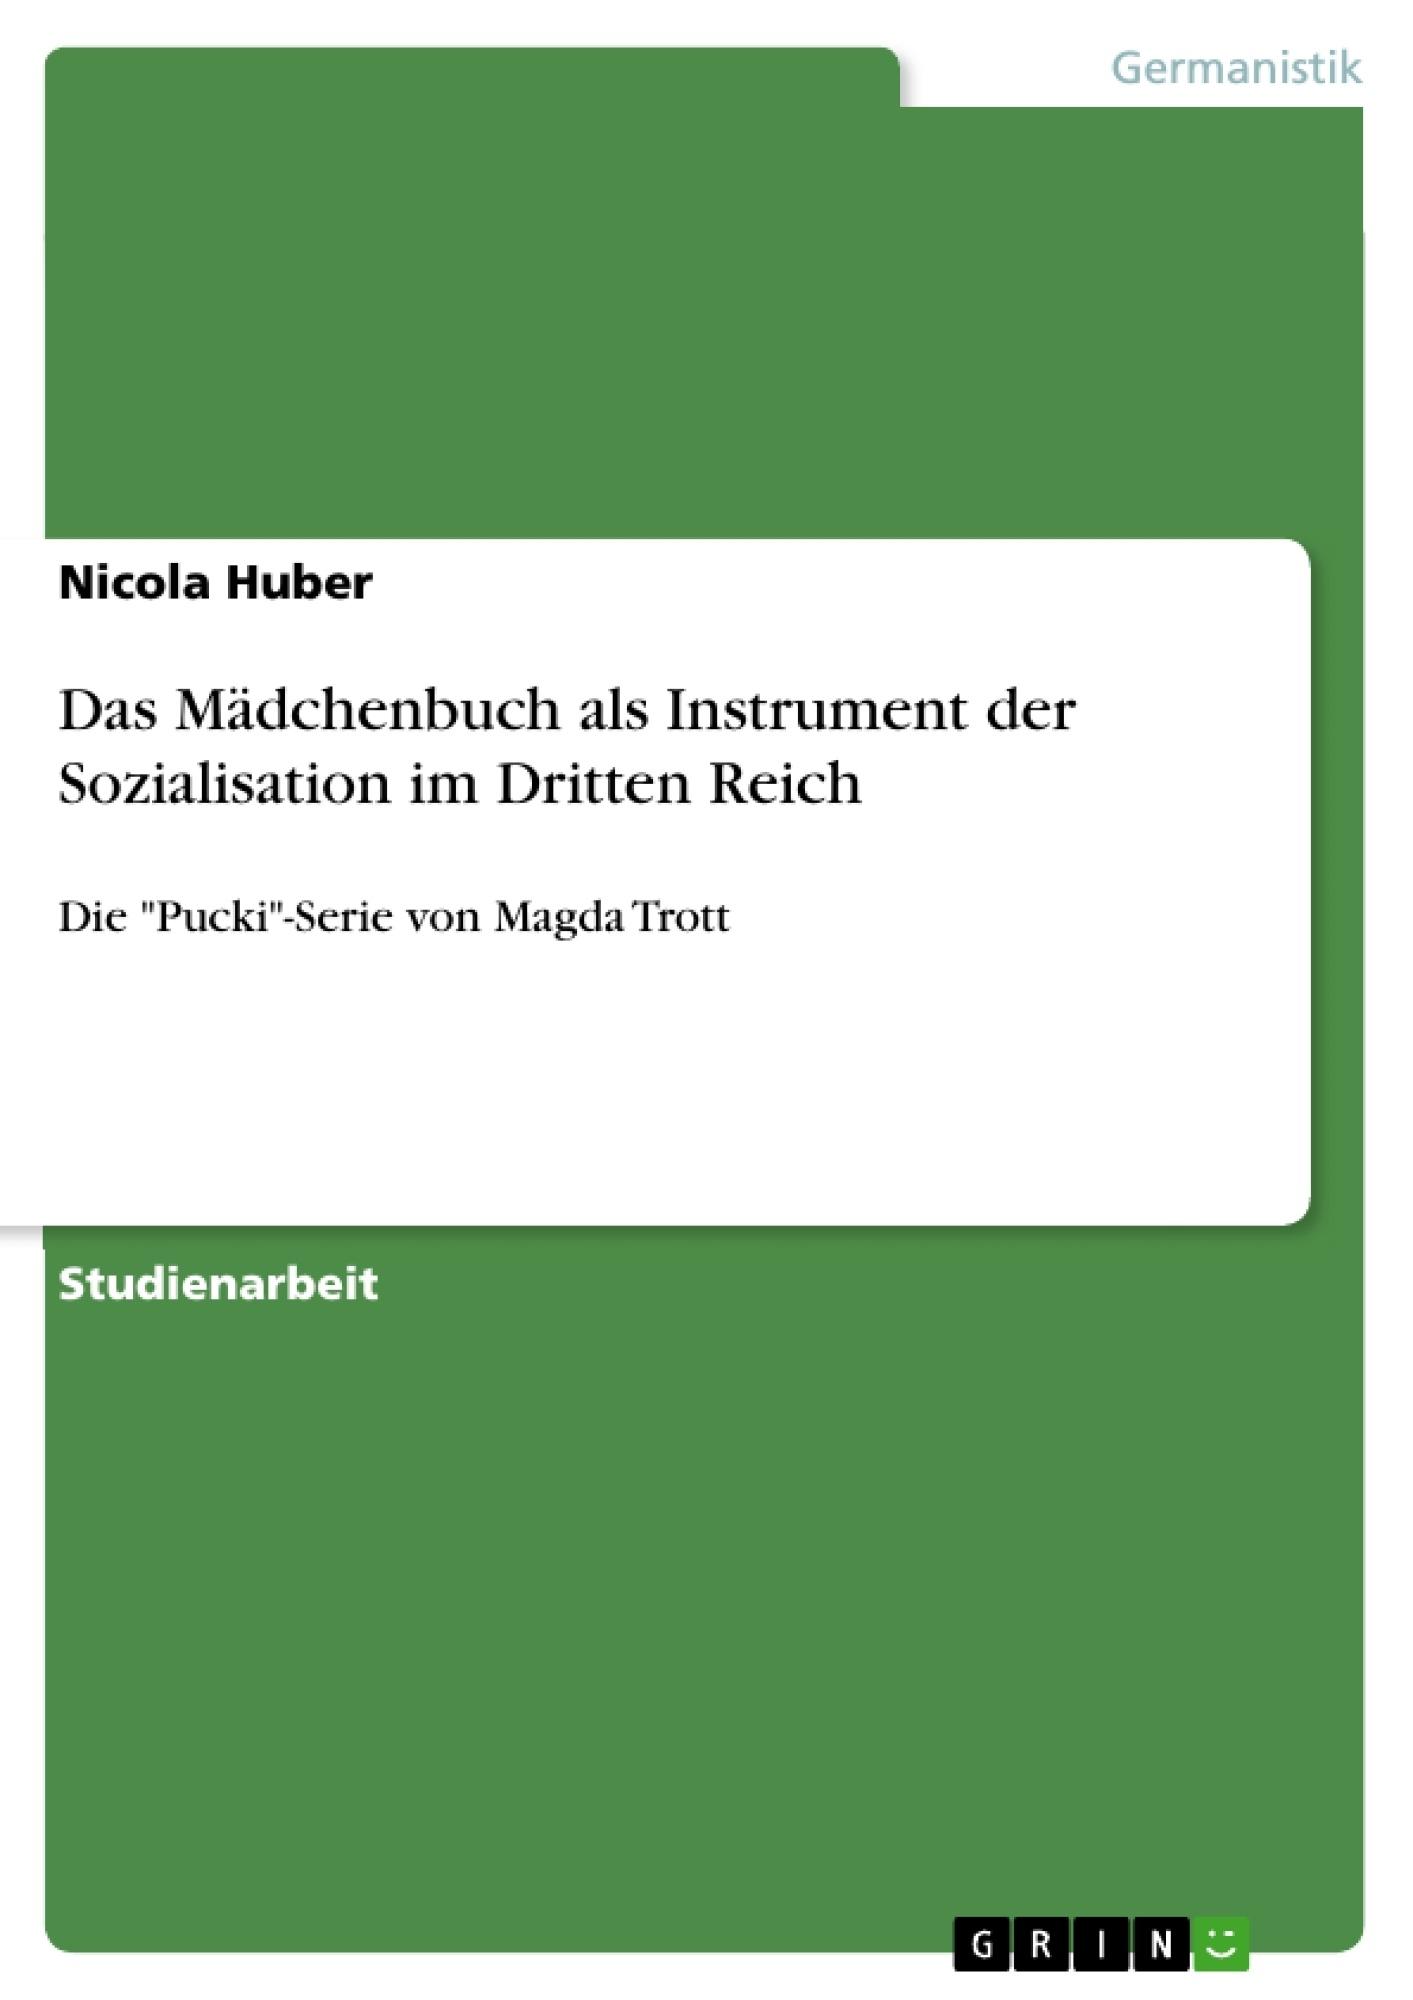 Titel: Das Mädchenbuch als Instrument der Sozialisation im Dritten Reich